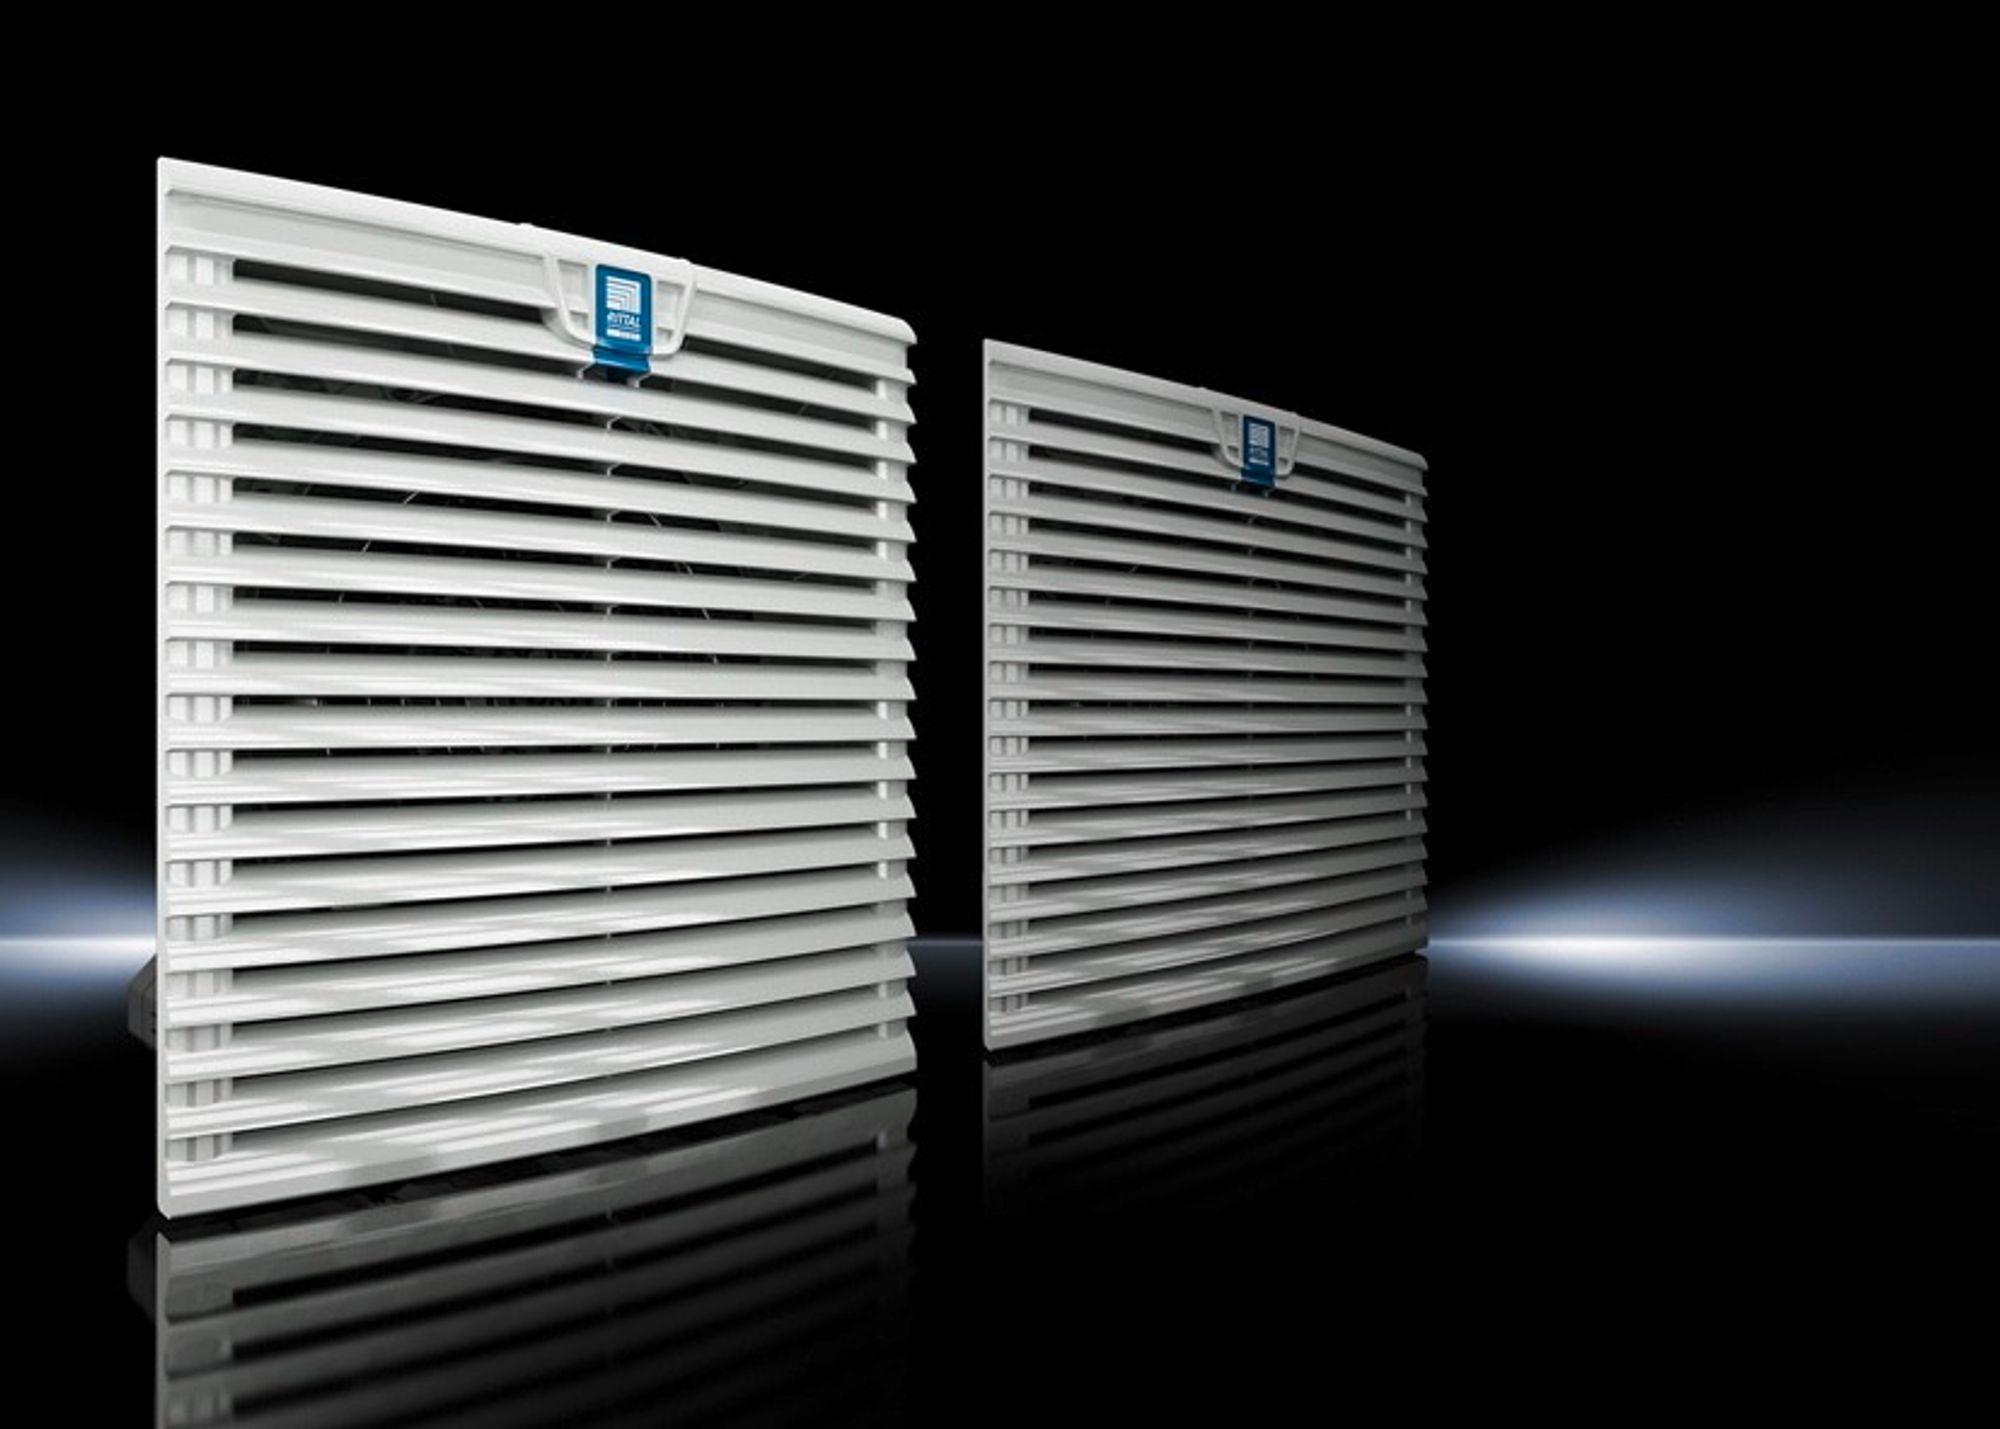 Filtervifte med likestrømsmotor, smarte styringsløsninger og spesielt god luftstrømming skal redusere energiforbruket hele 63 prosent.